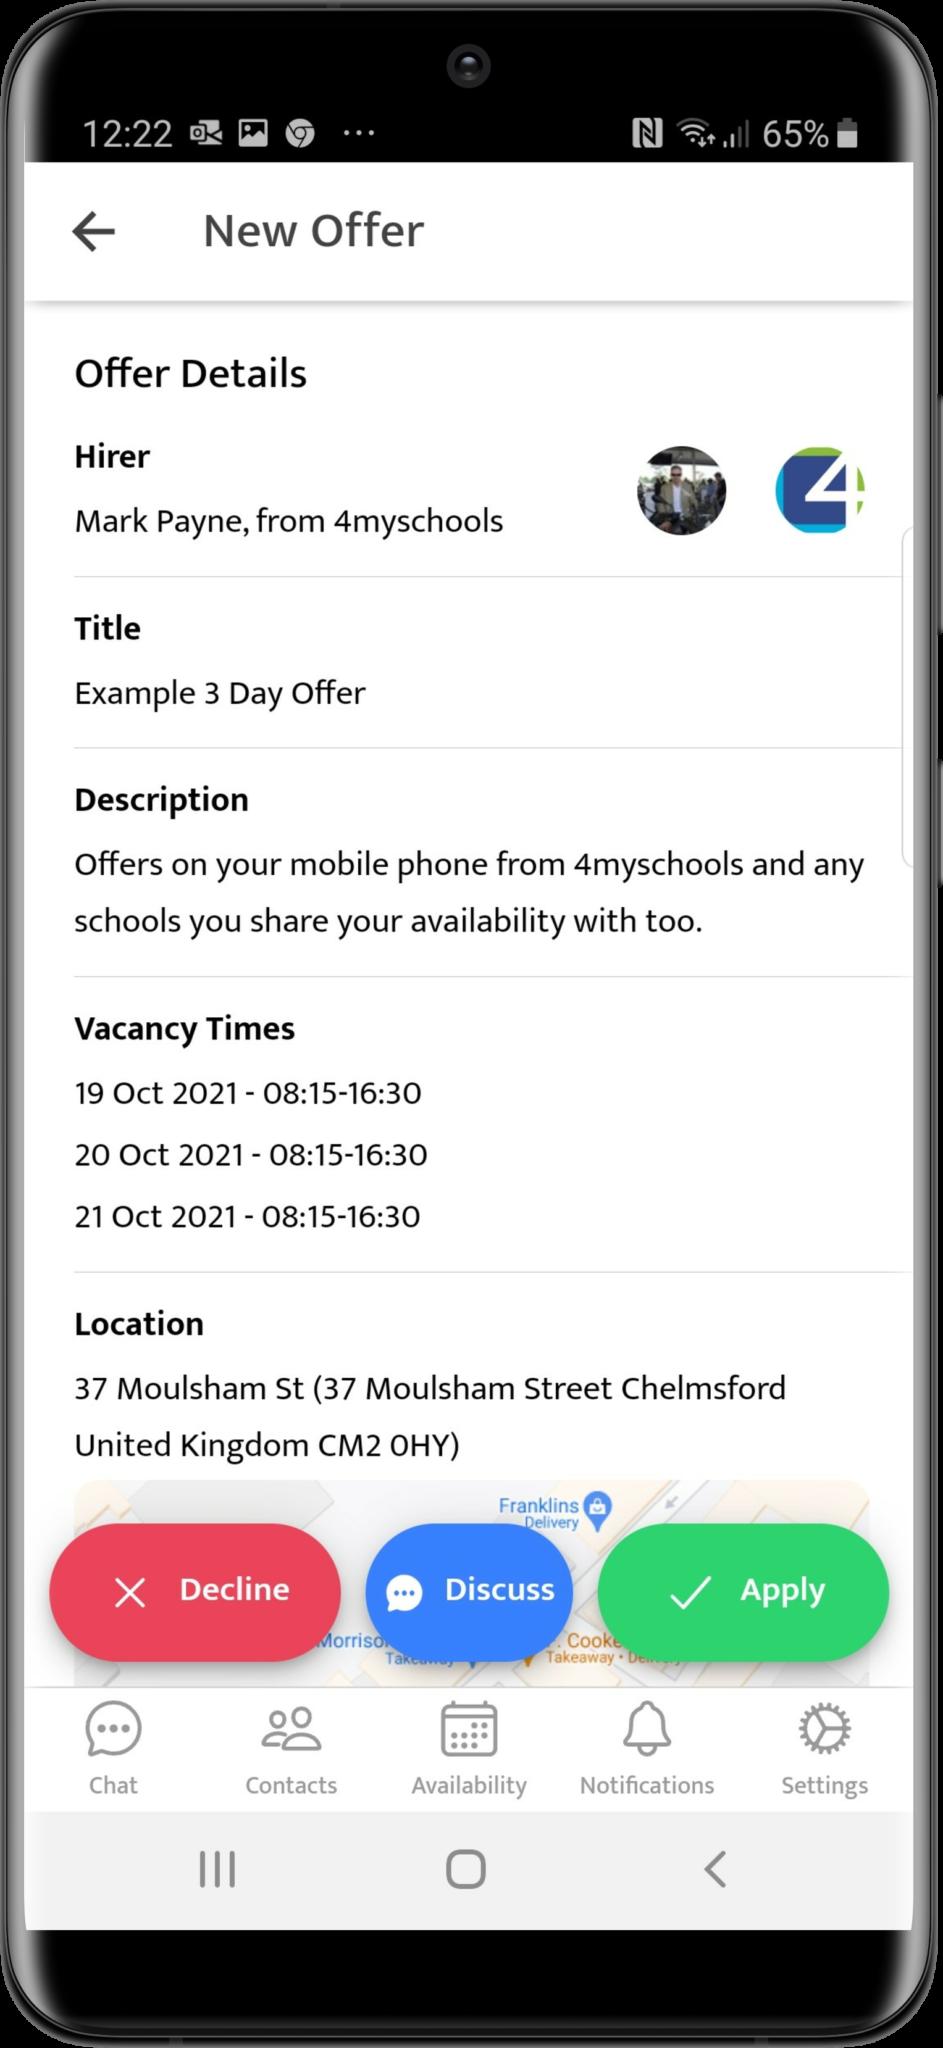 4myschools Updatedge mobile app job offer